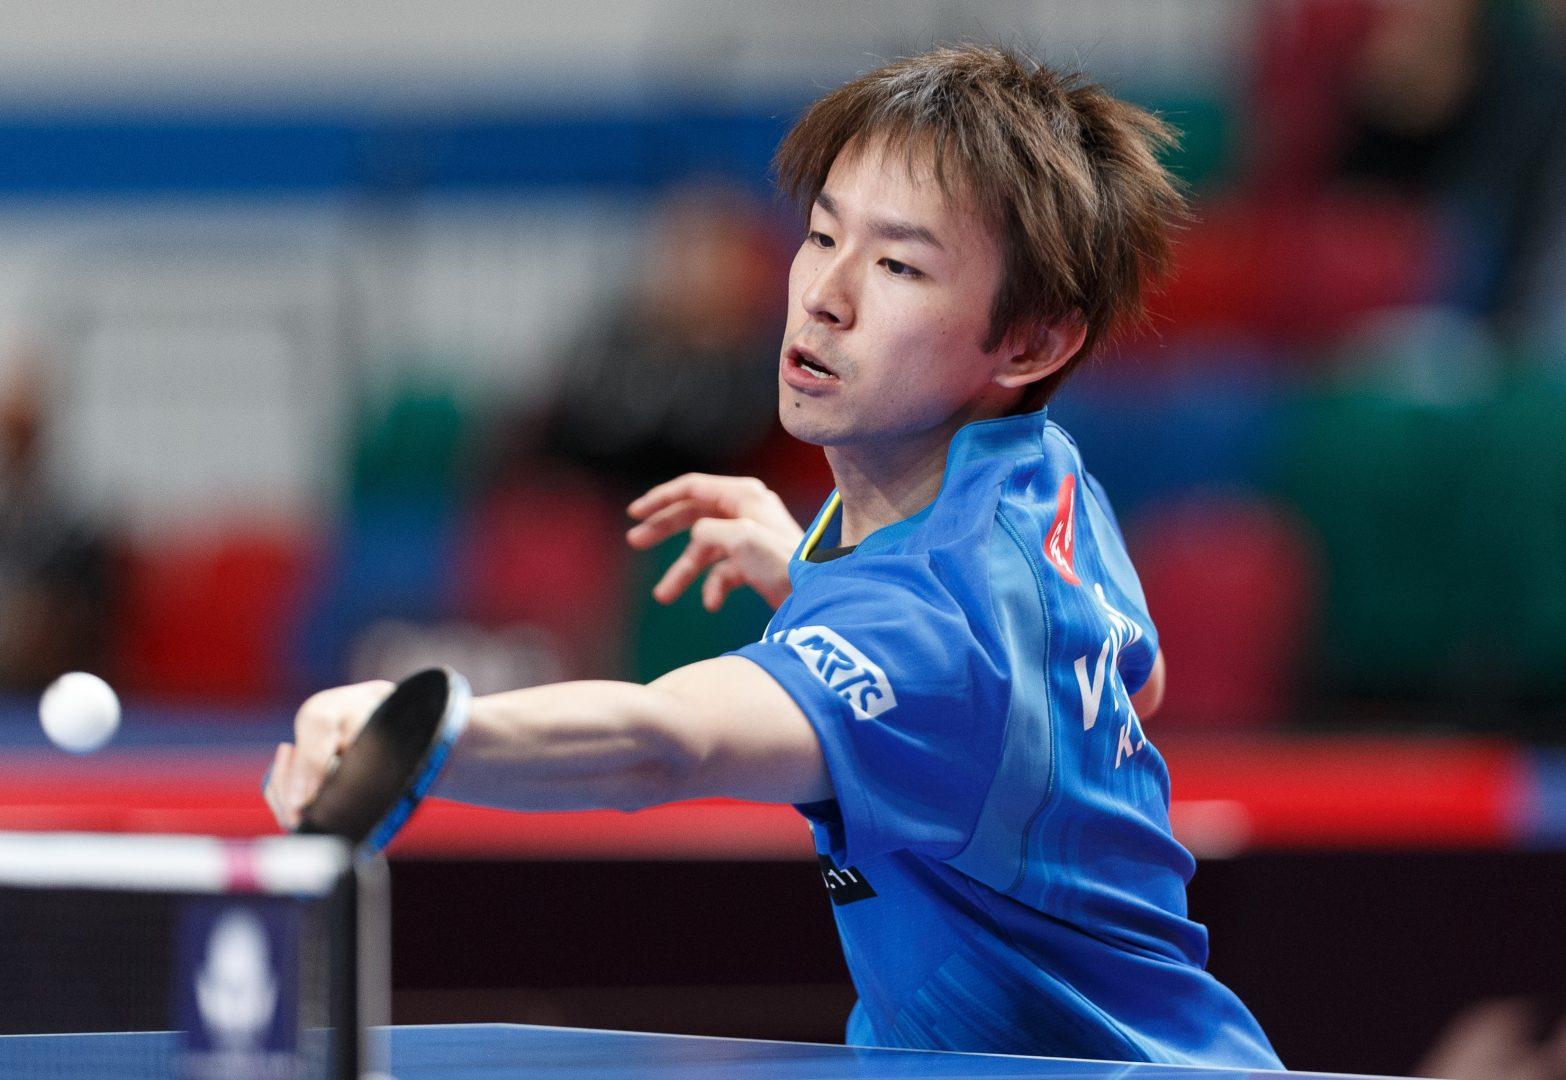 丹羽孝希、世界卓球銀メダリストに勝利 ガッツポーズ見せ準々決勝へ<オーストリアオープン>